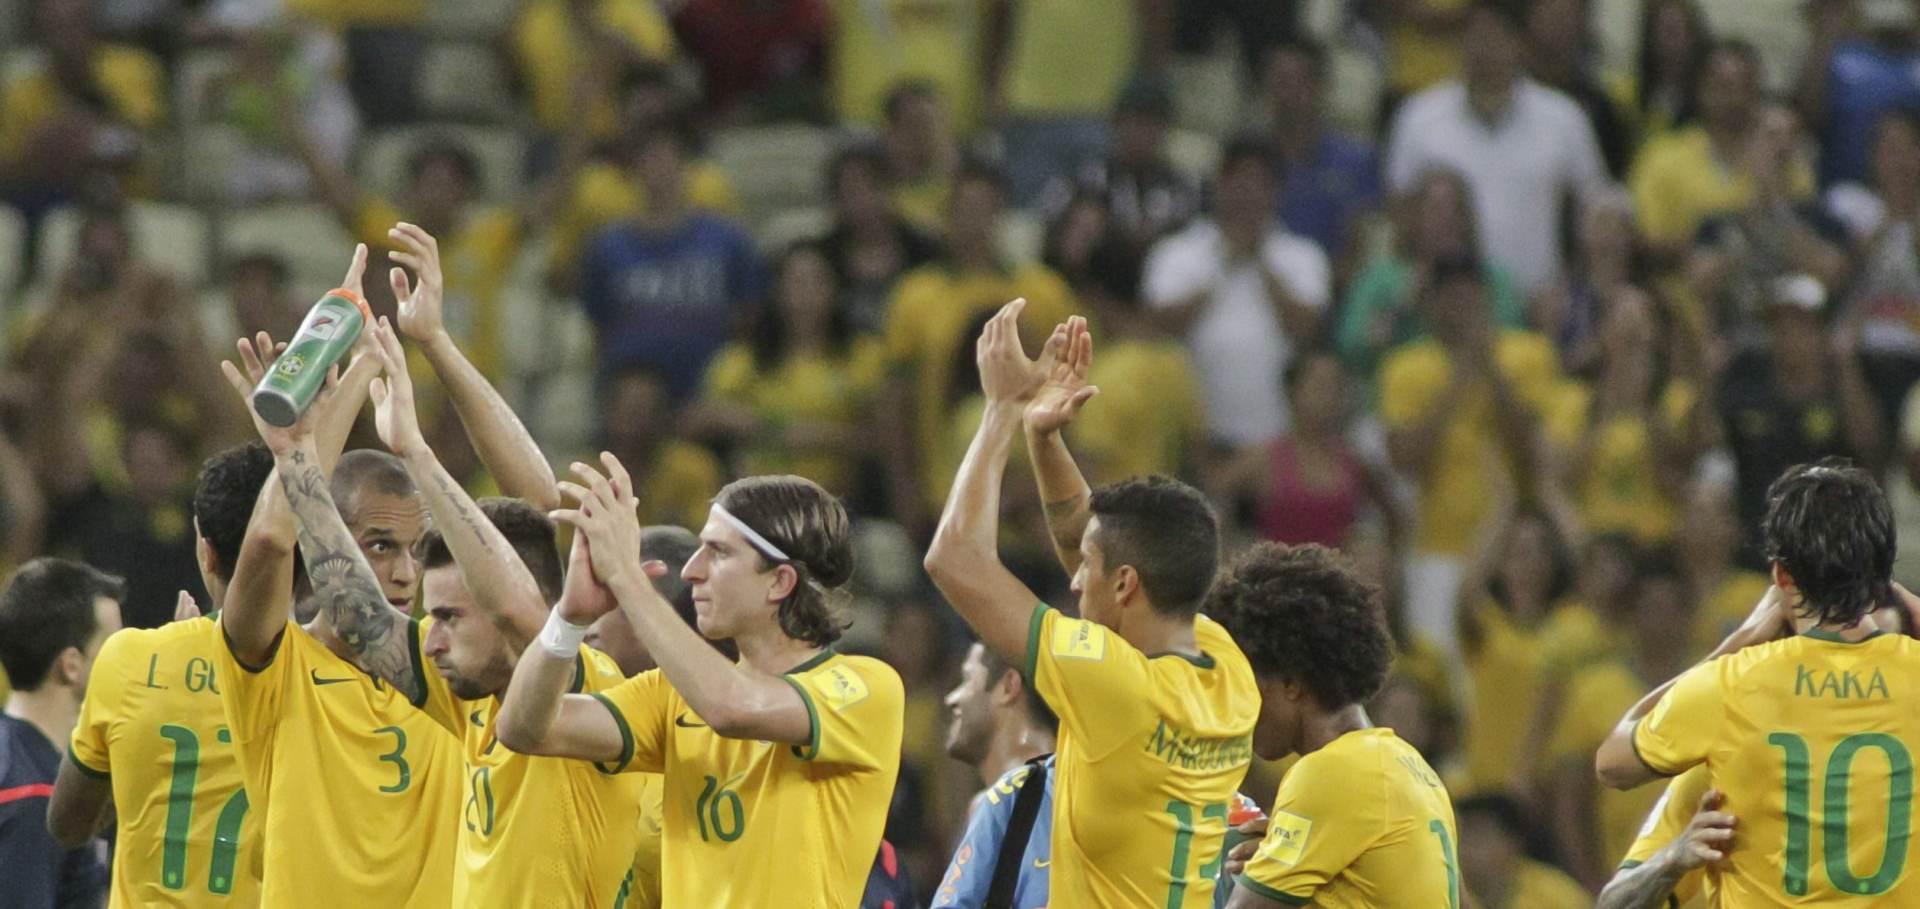 SP 2018 KVALIFIKACIJE: Brazil uvjerljiv, Argentina razočarala